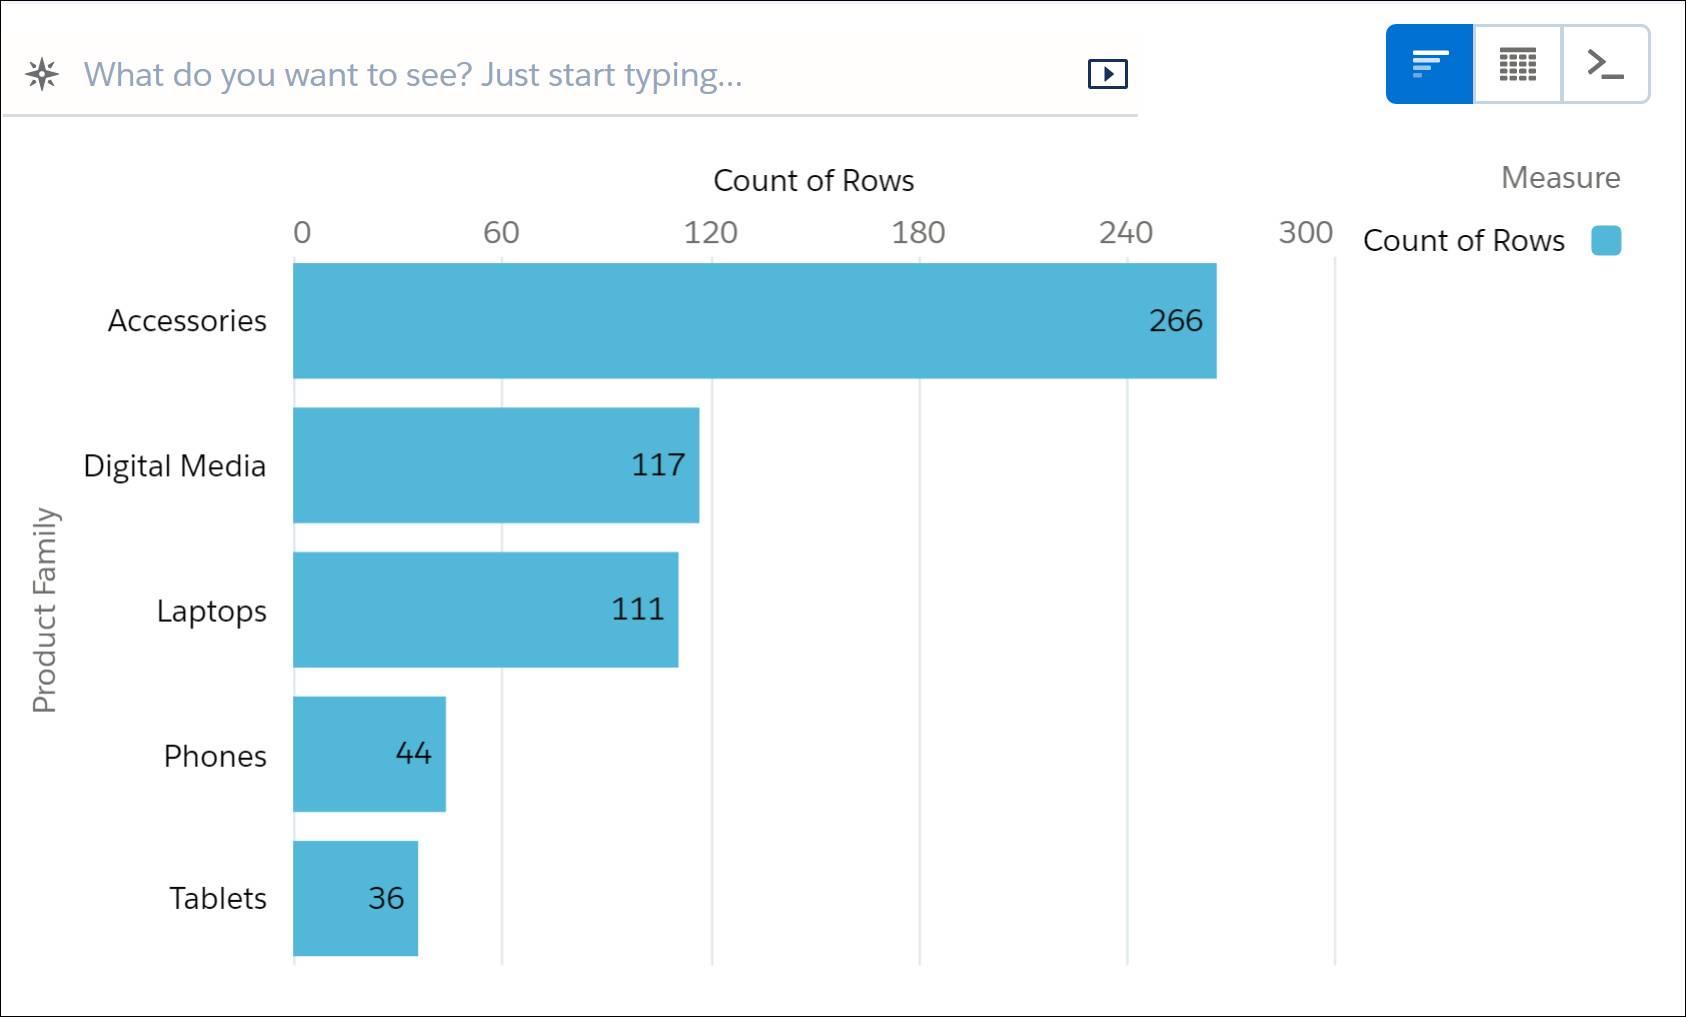 商品ファミリでグループ化された行数が表示された棒グラフ